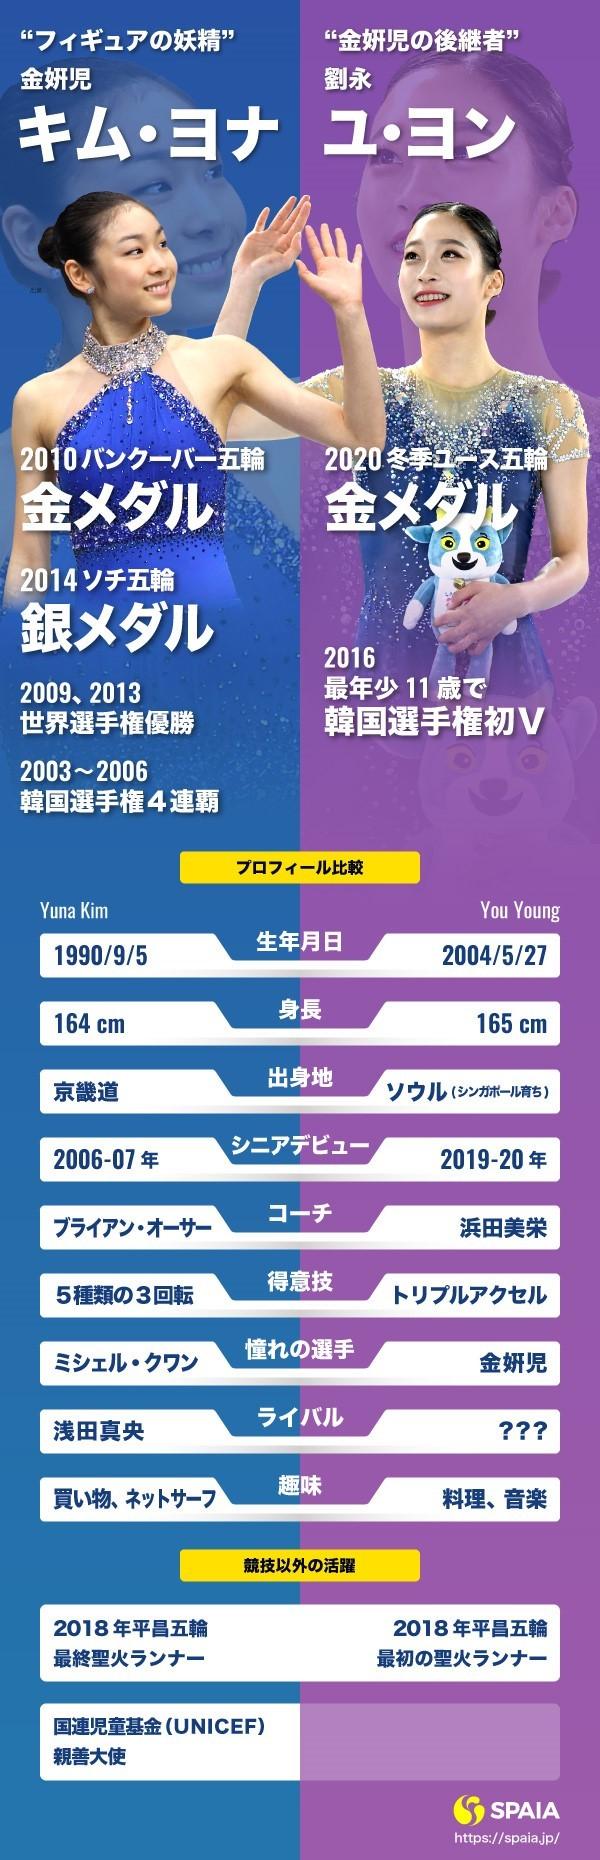 金姸児と劉永インフォグラフィック